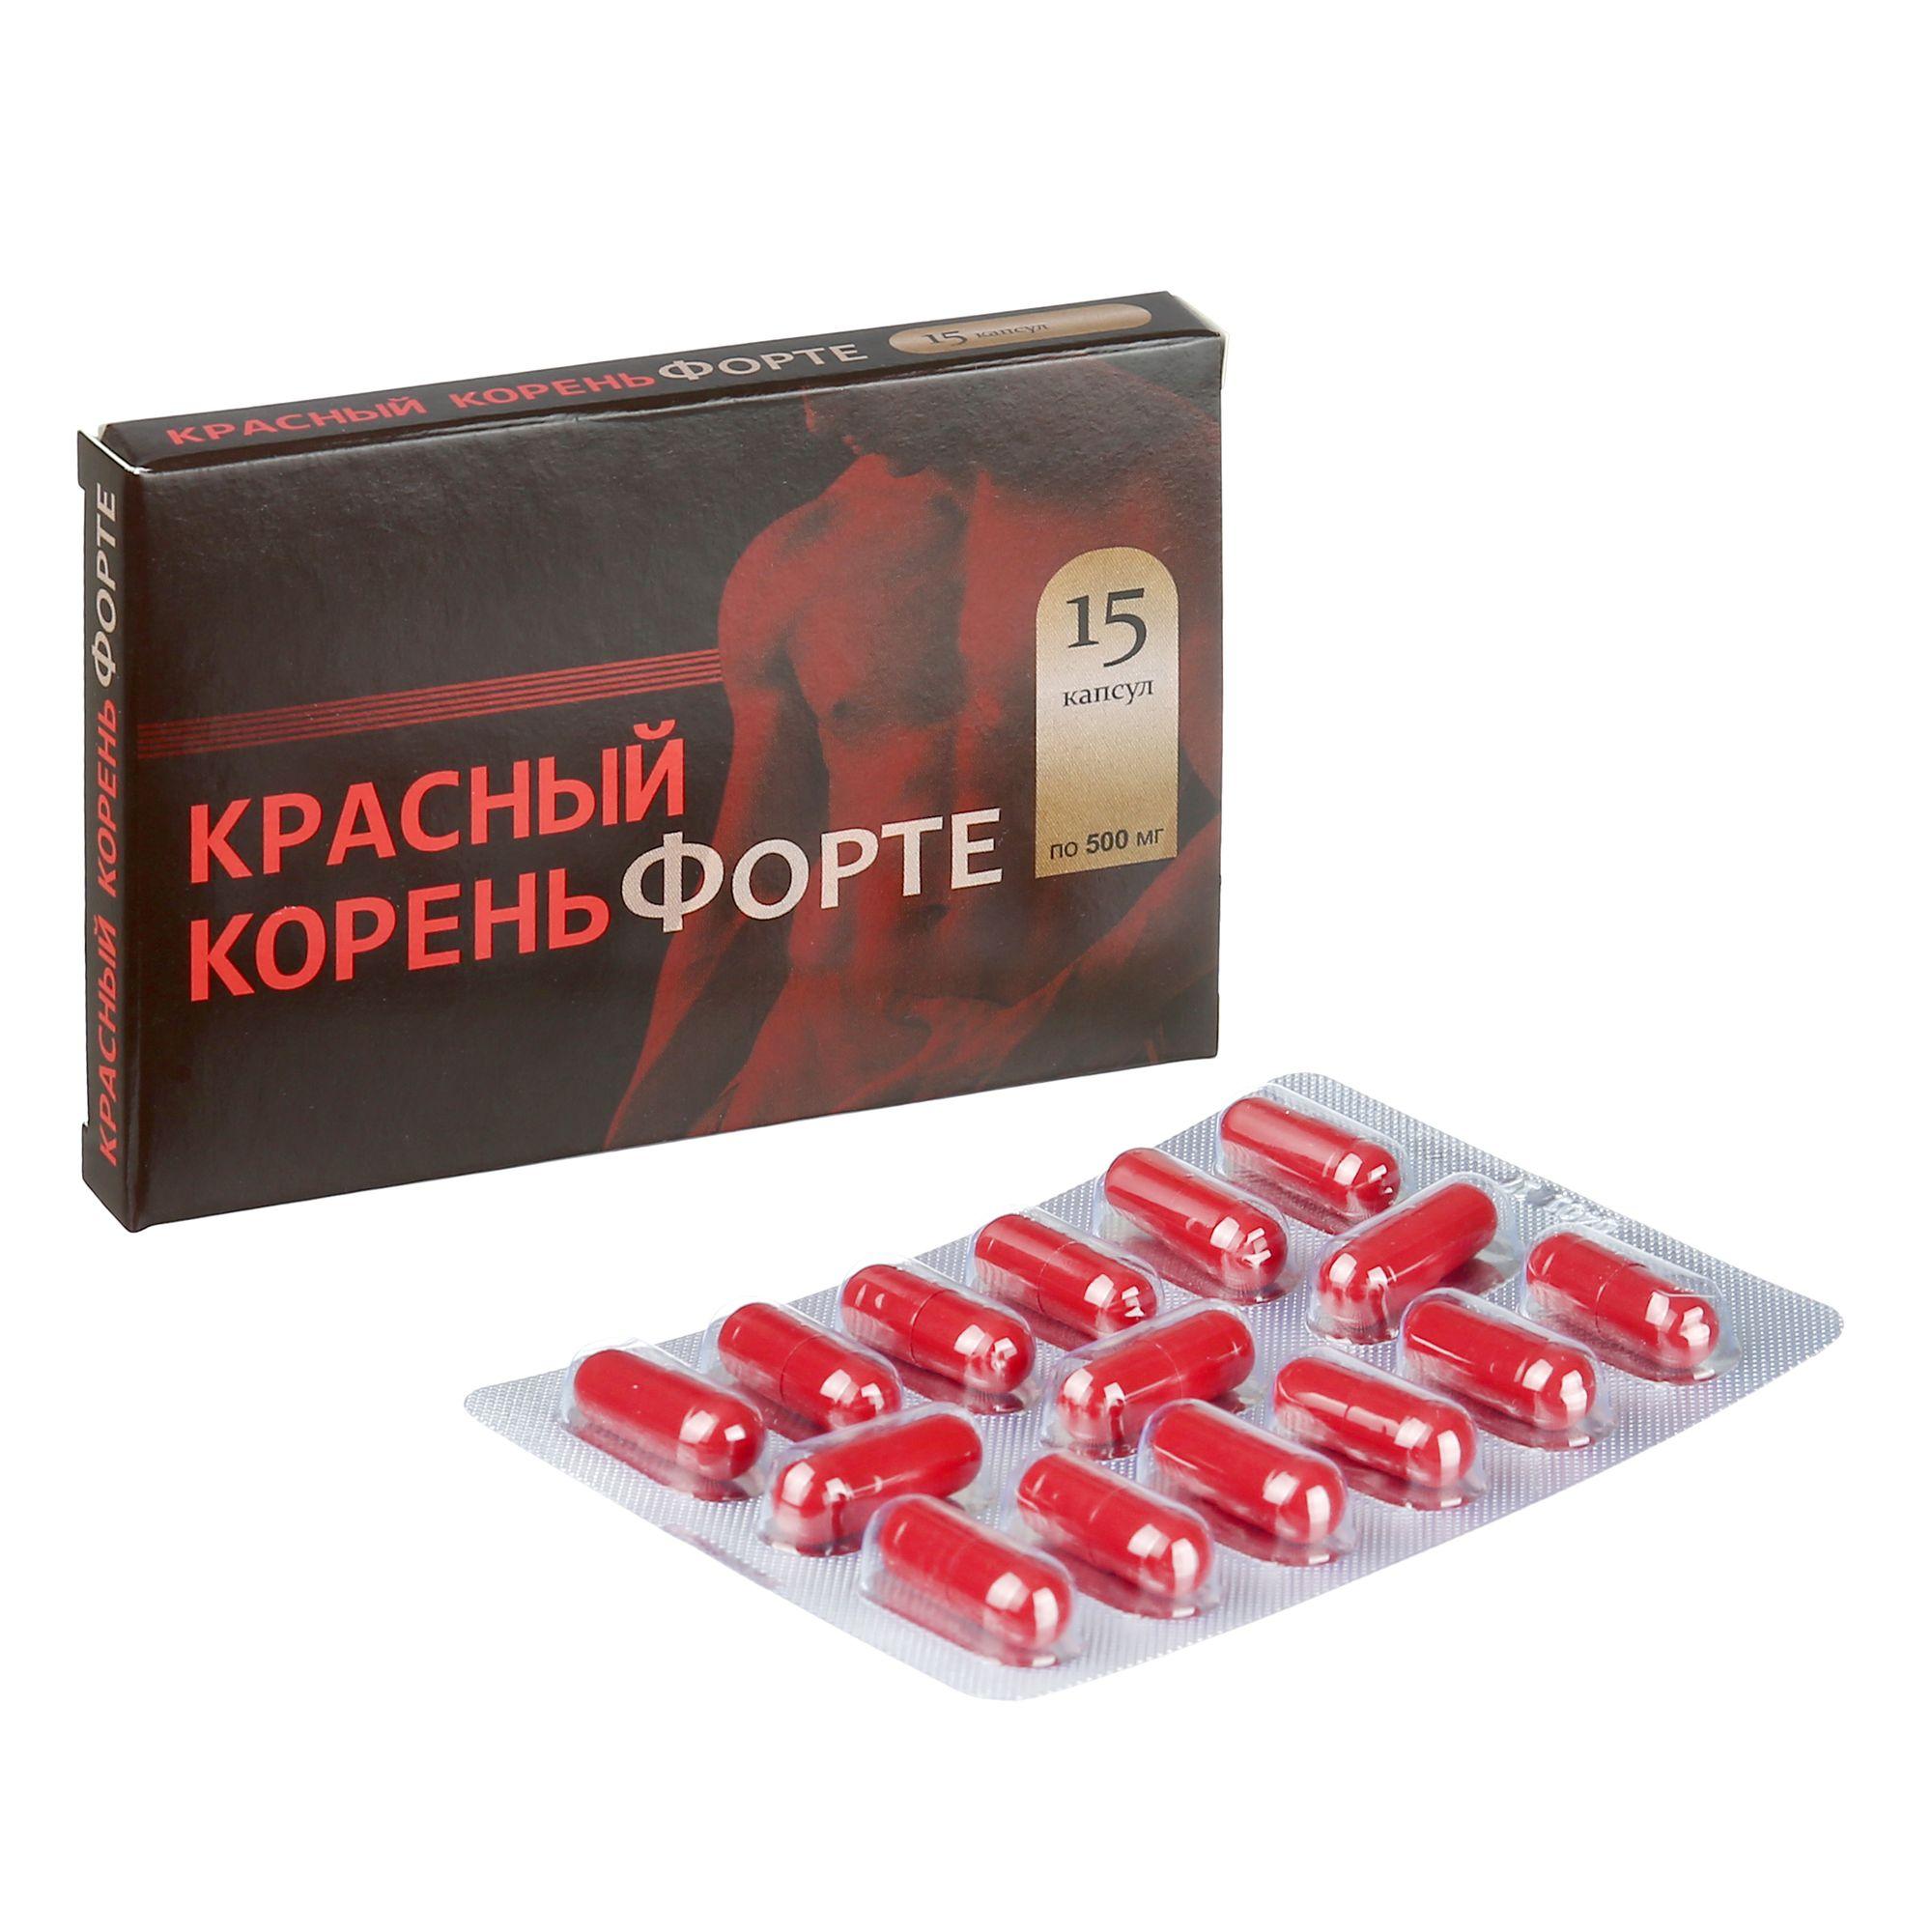 фото упаковки Красный корень Форте